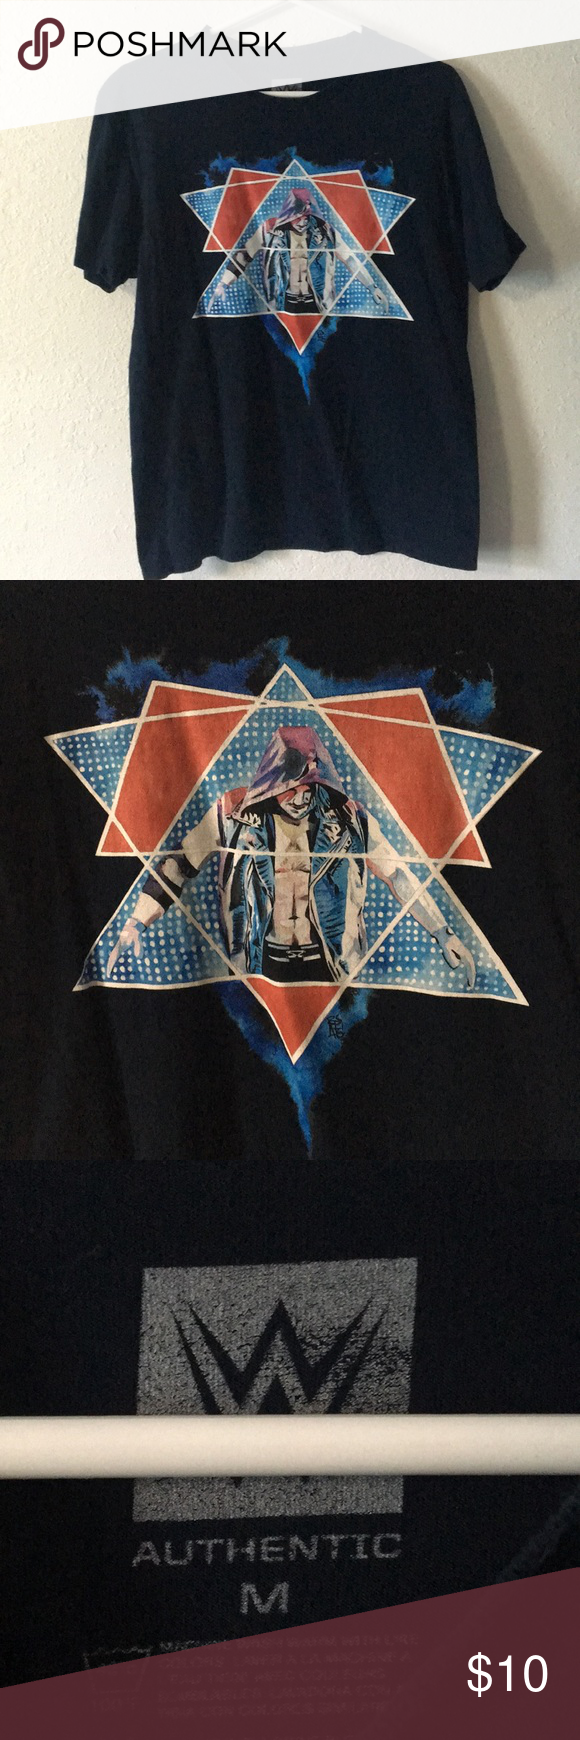 AJ Styles Official WWE TShirt Wwe t shirts, Wwe shirts